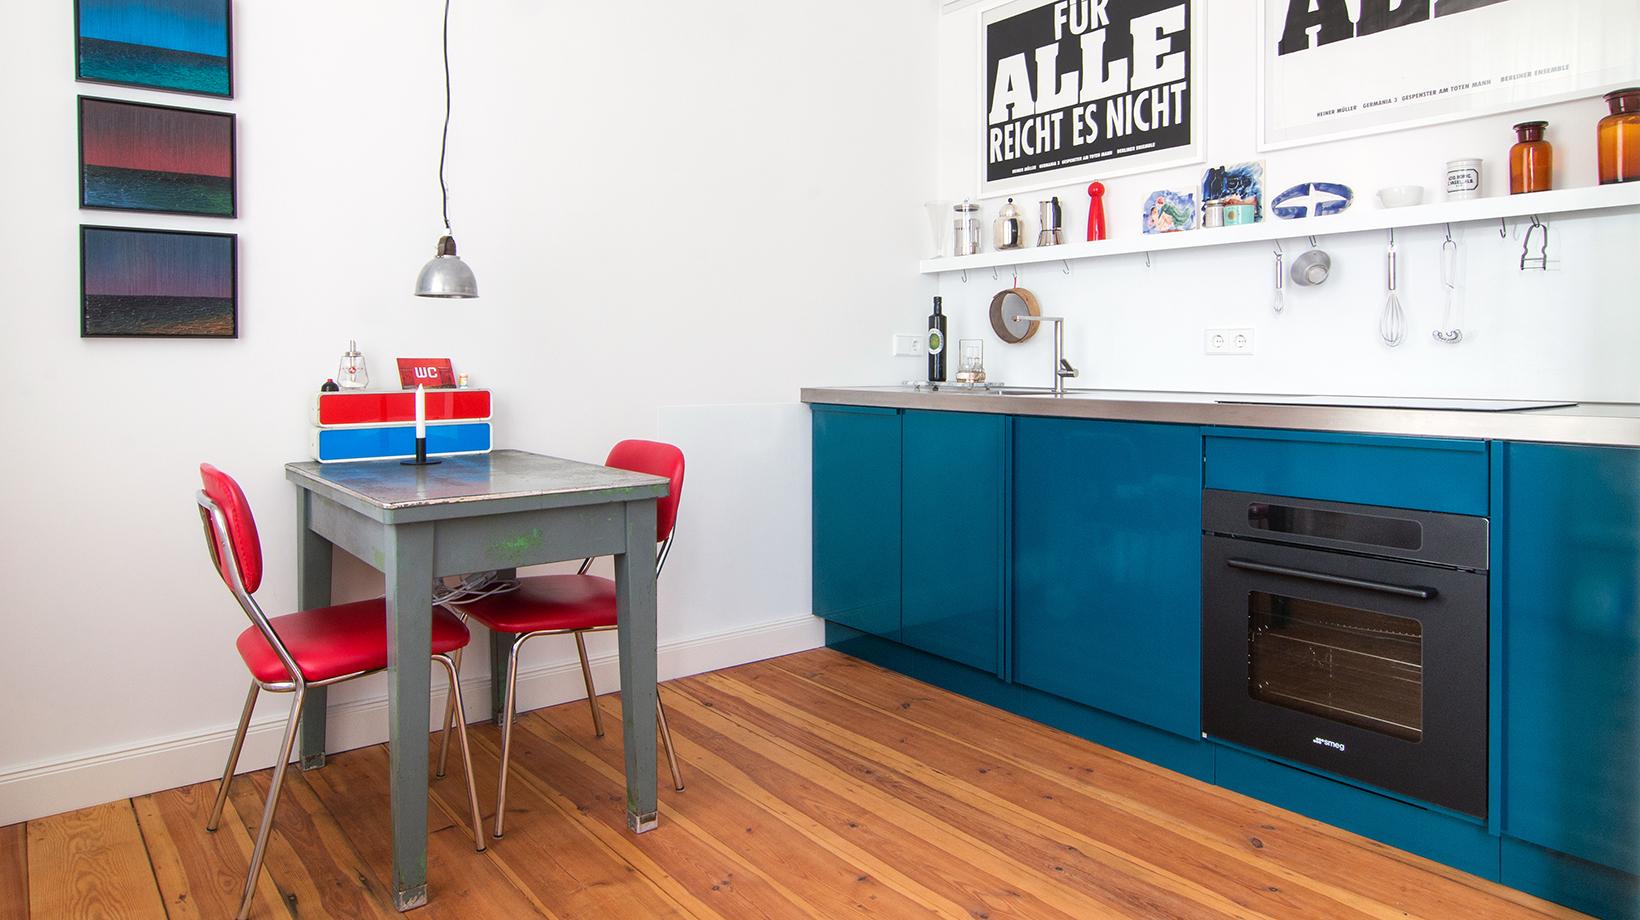 fig steel popstahl. Black Bedroom Furniture Sets. Home Design Ideas